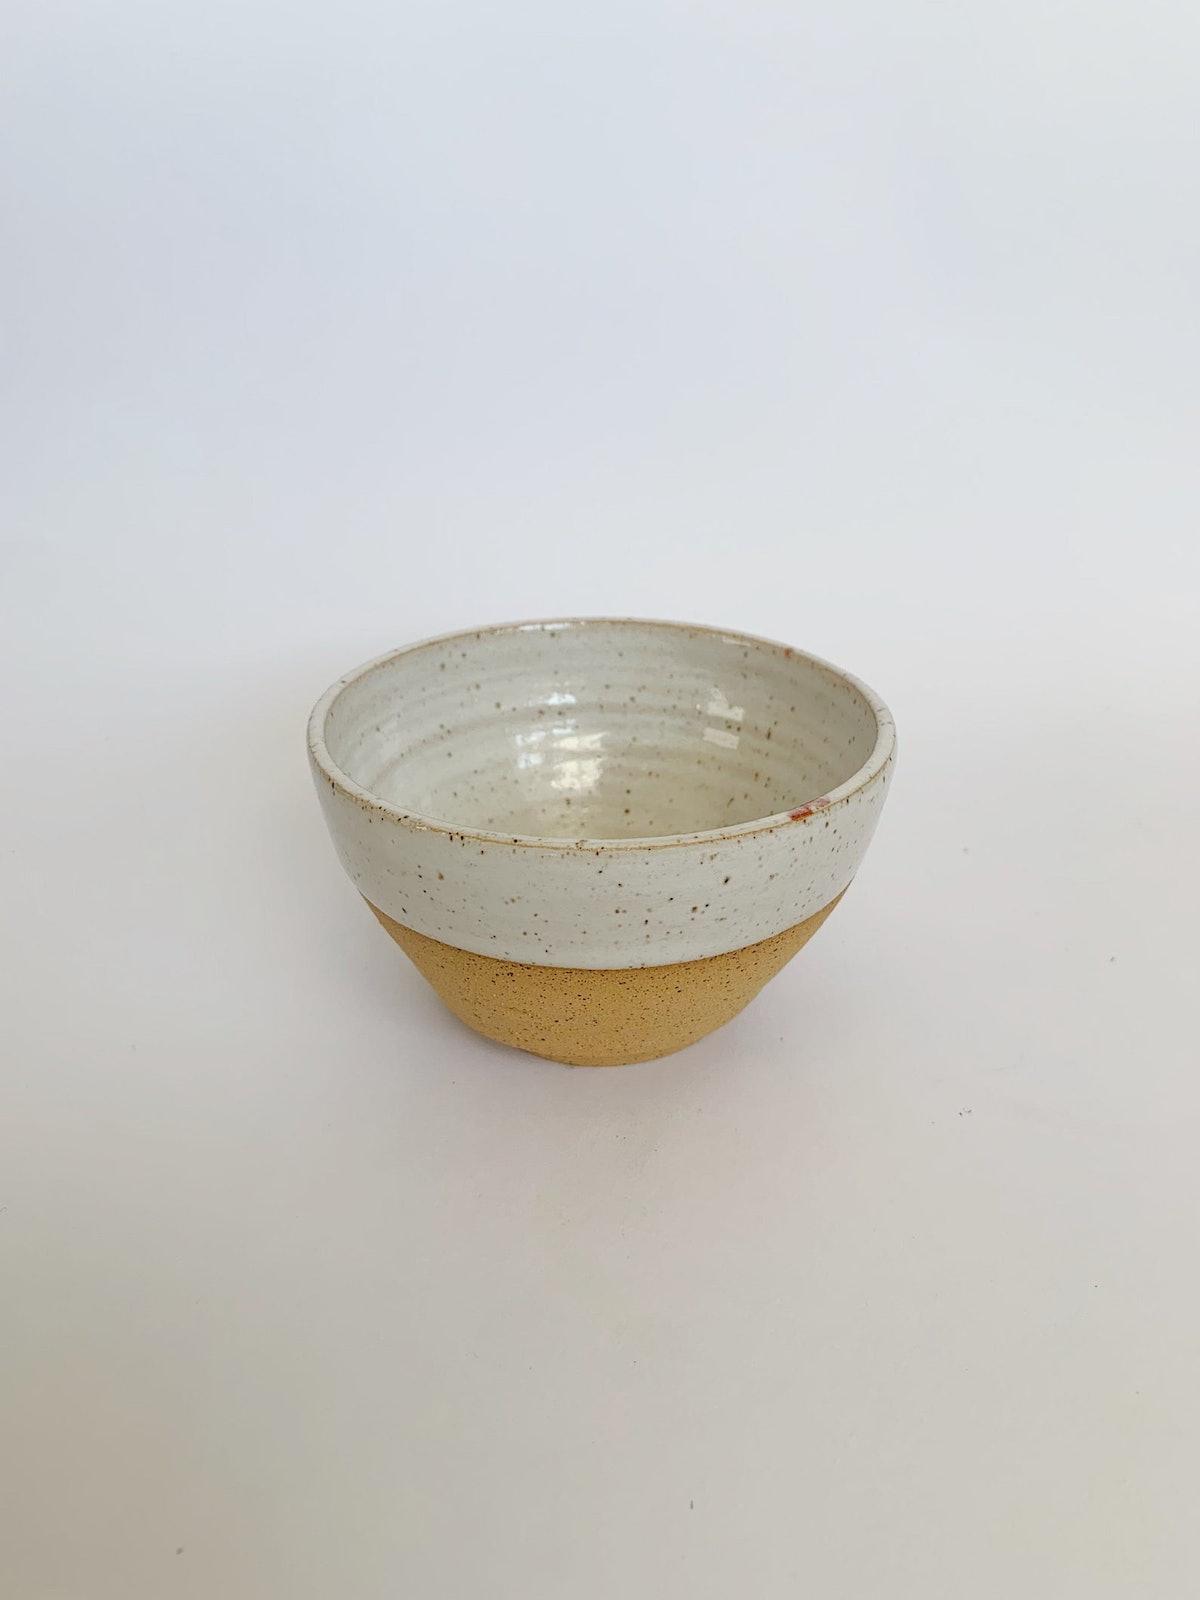 Speckled White Ceramic Bowl